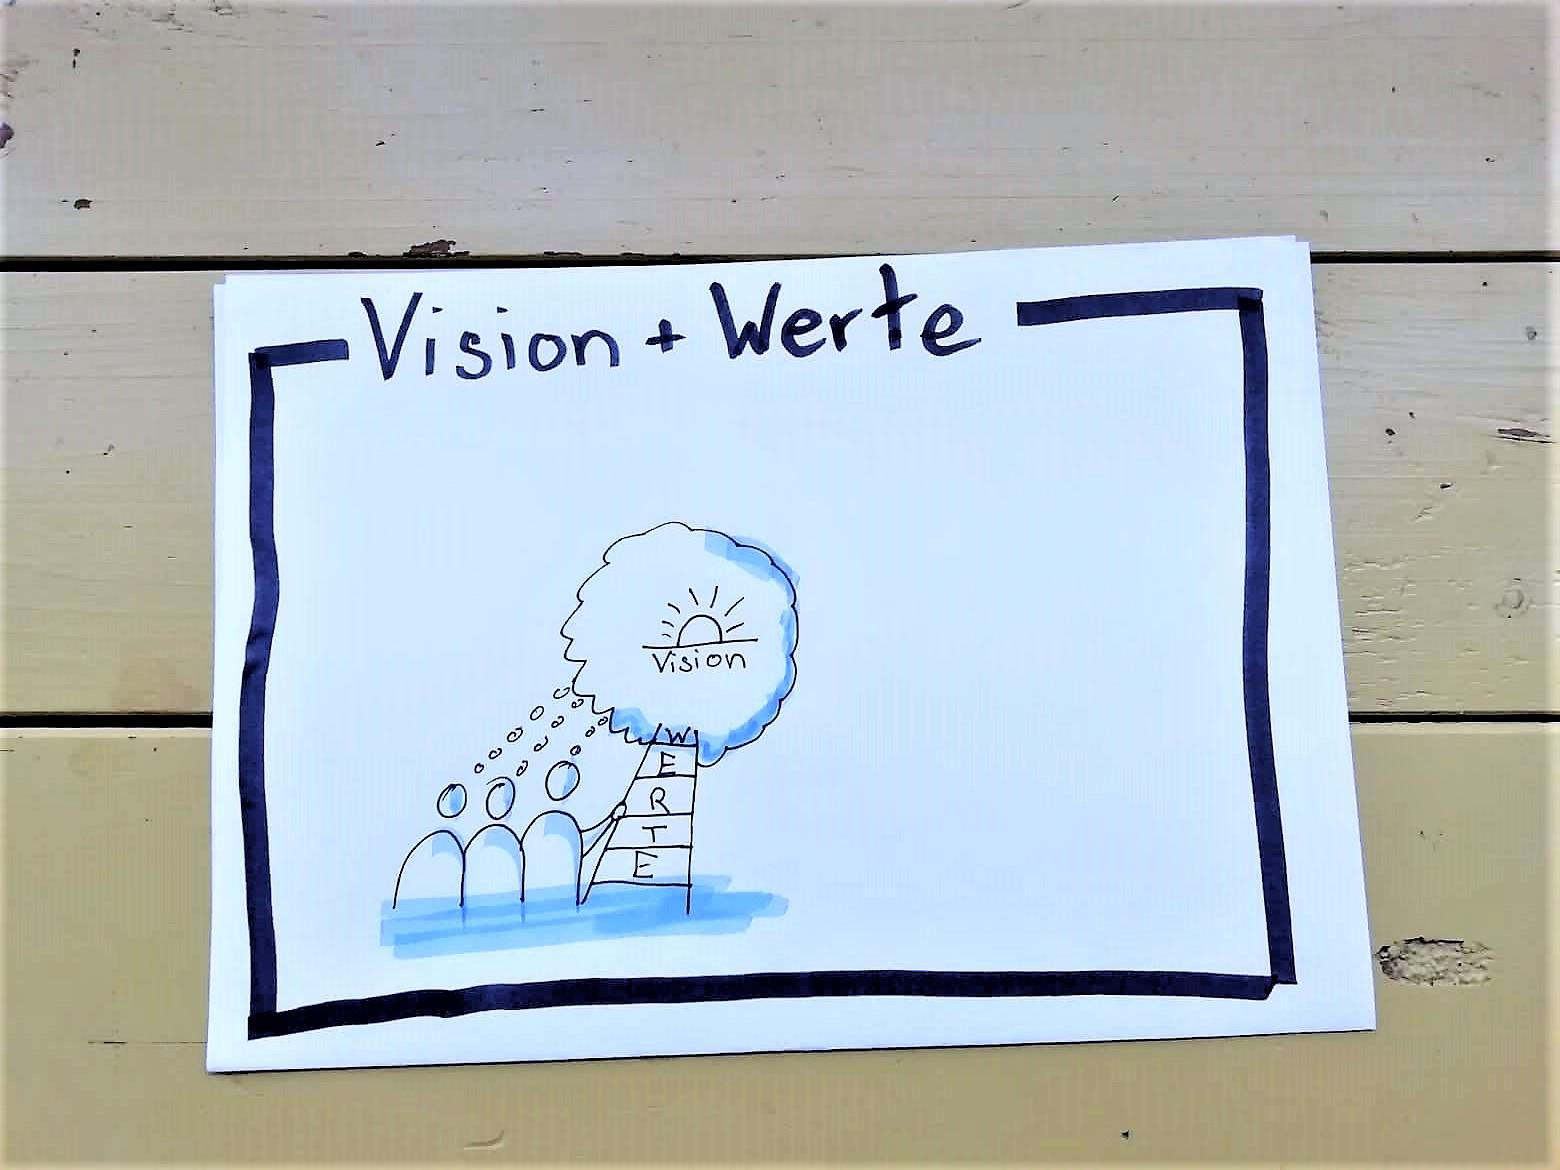 vision und werte.jpg